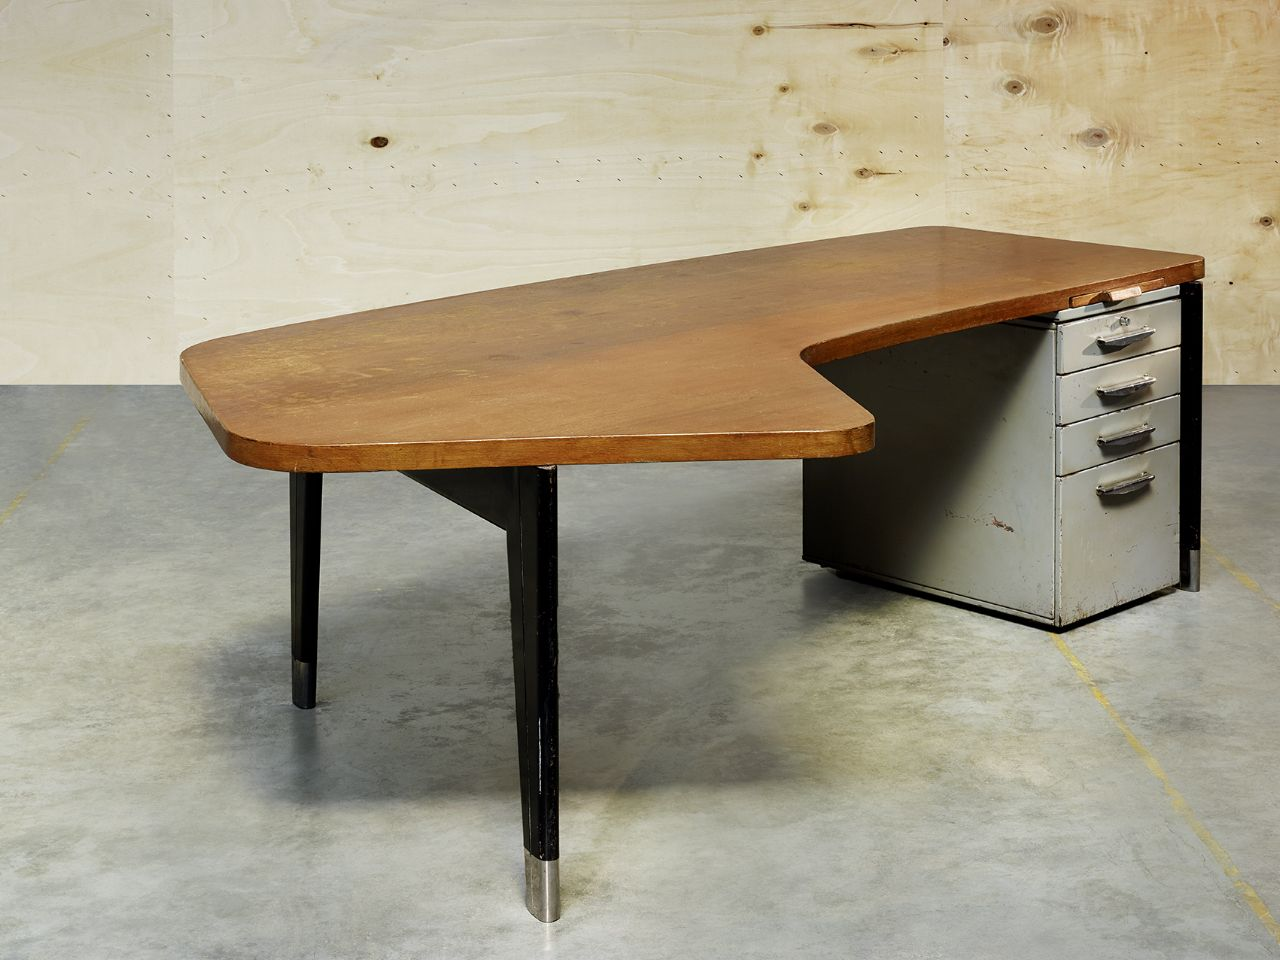 Bureau Prsidence 1952 Desks Bureaus and Designers